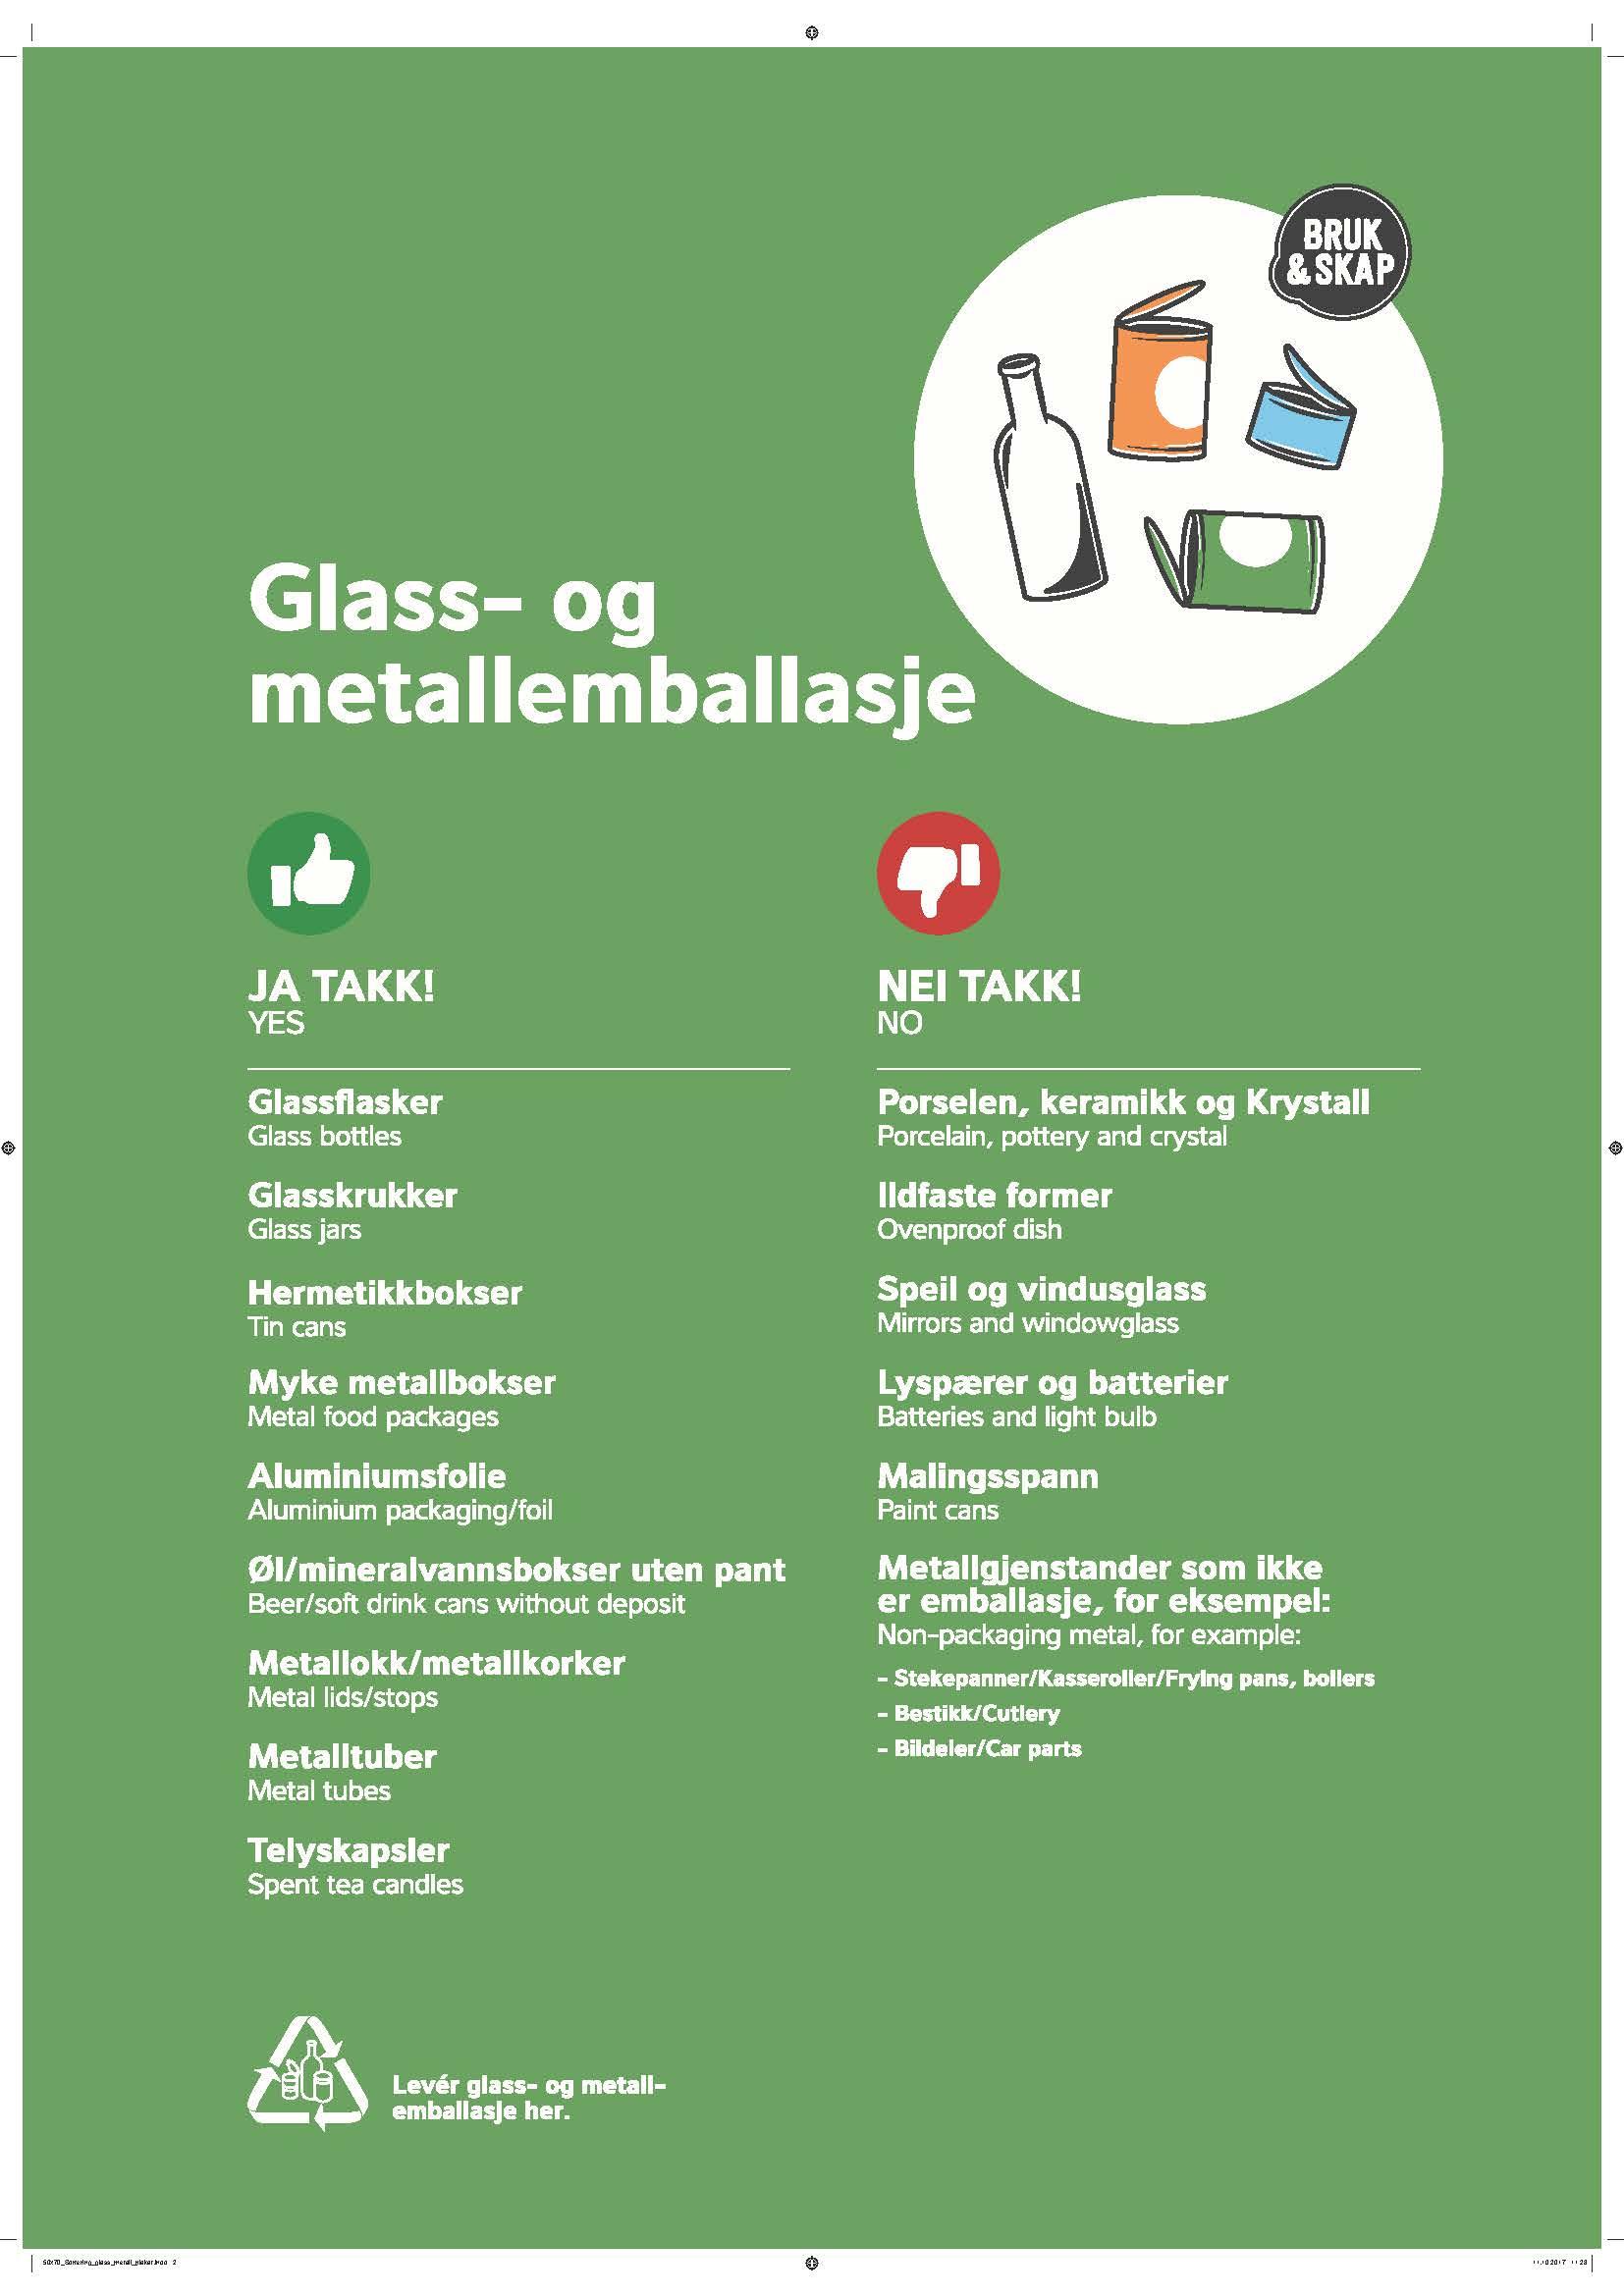 Glass-og metall - ja-takk og nei-takk plakaten